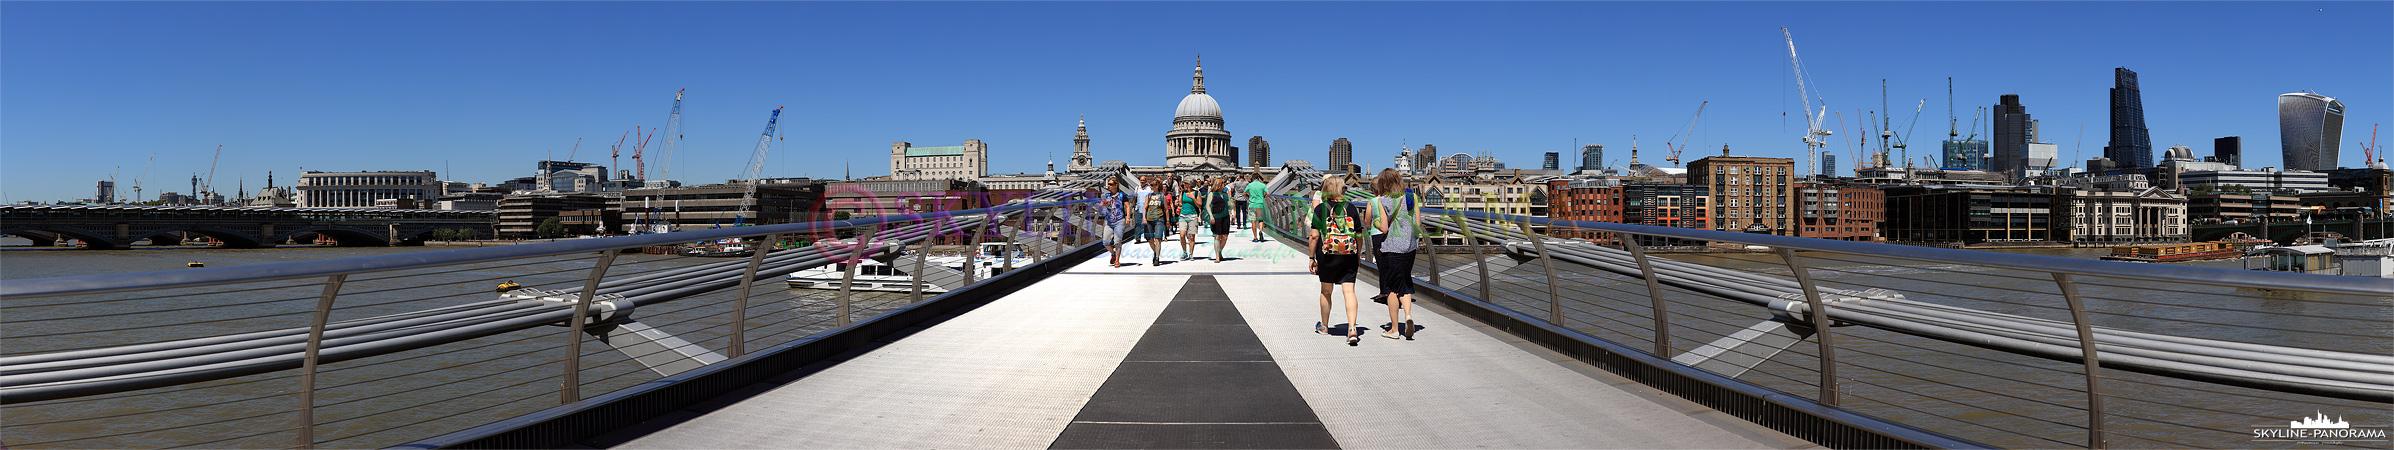 City of London - Ein Panorama von London, das auf der Millennium Bridge entstanden ist, es zeigt den Blick auf die City von London mit der St Paul's Cathedral im Zentrum.